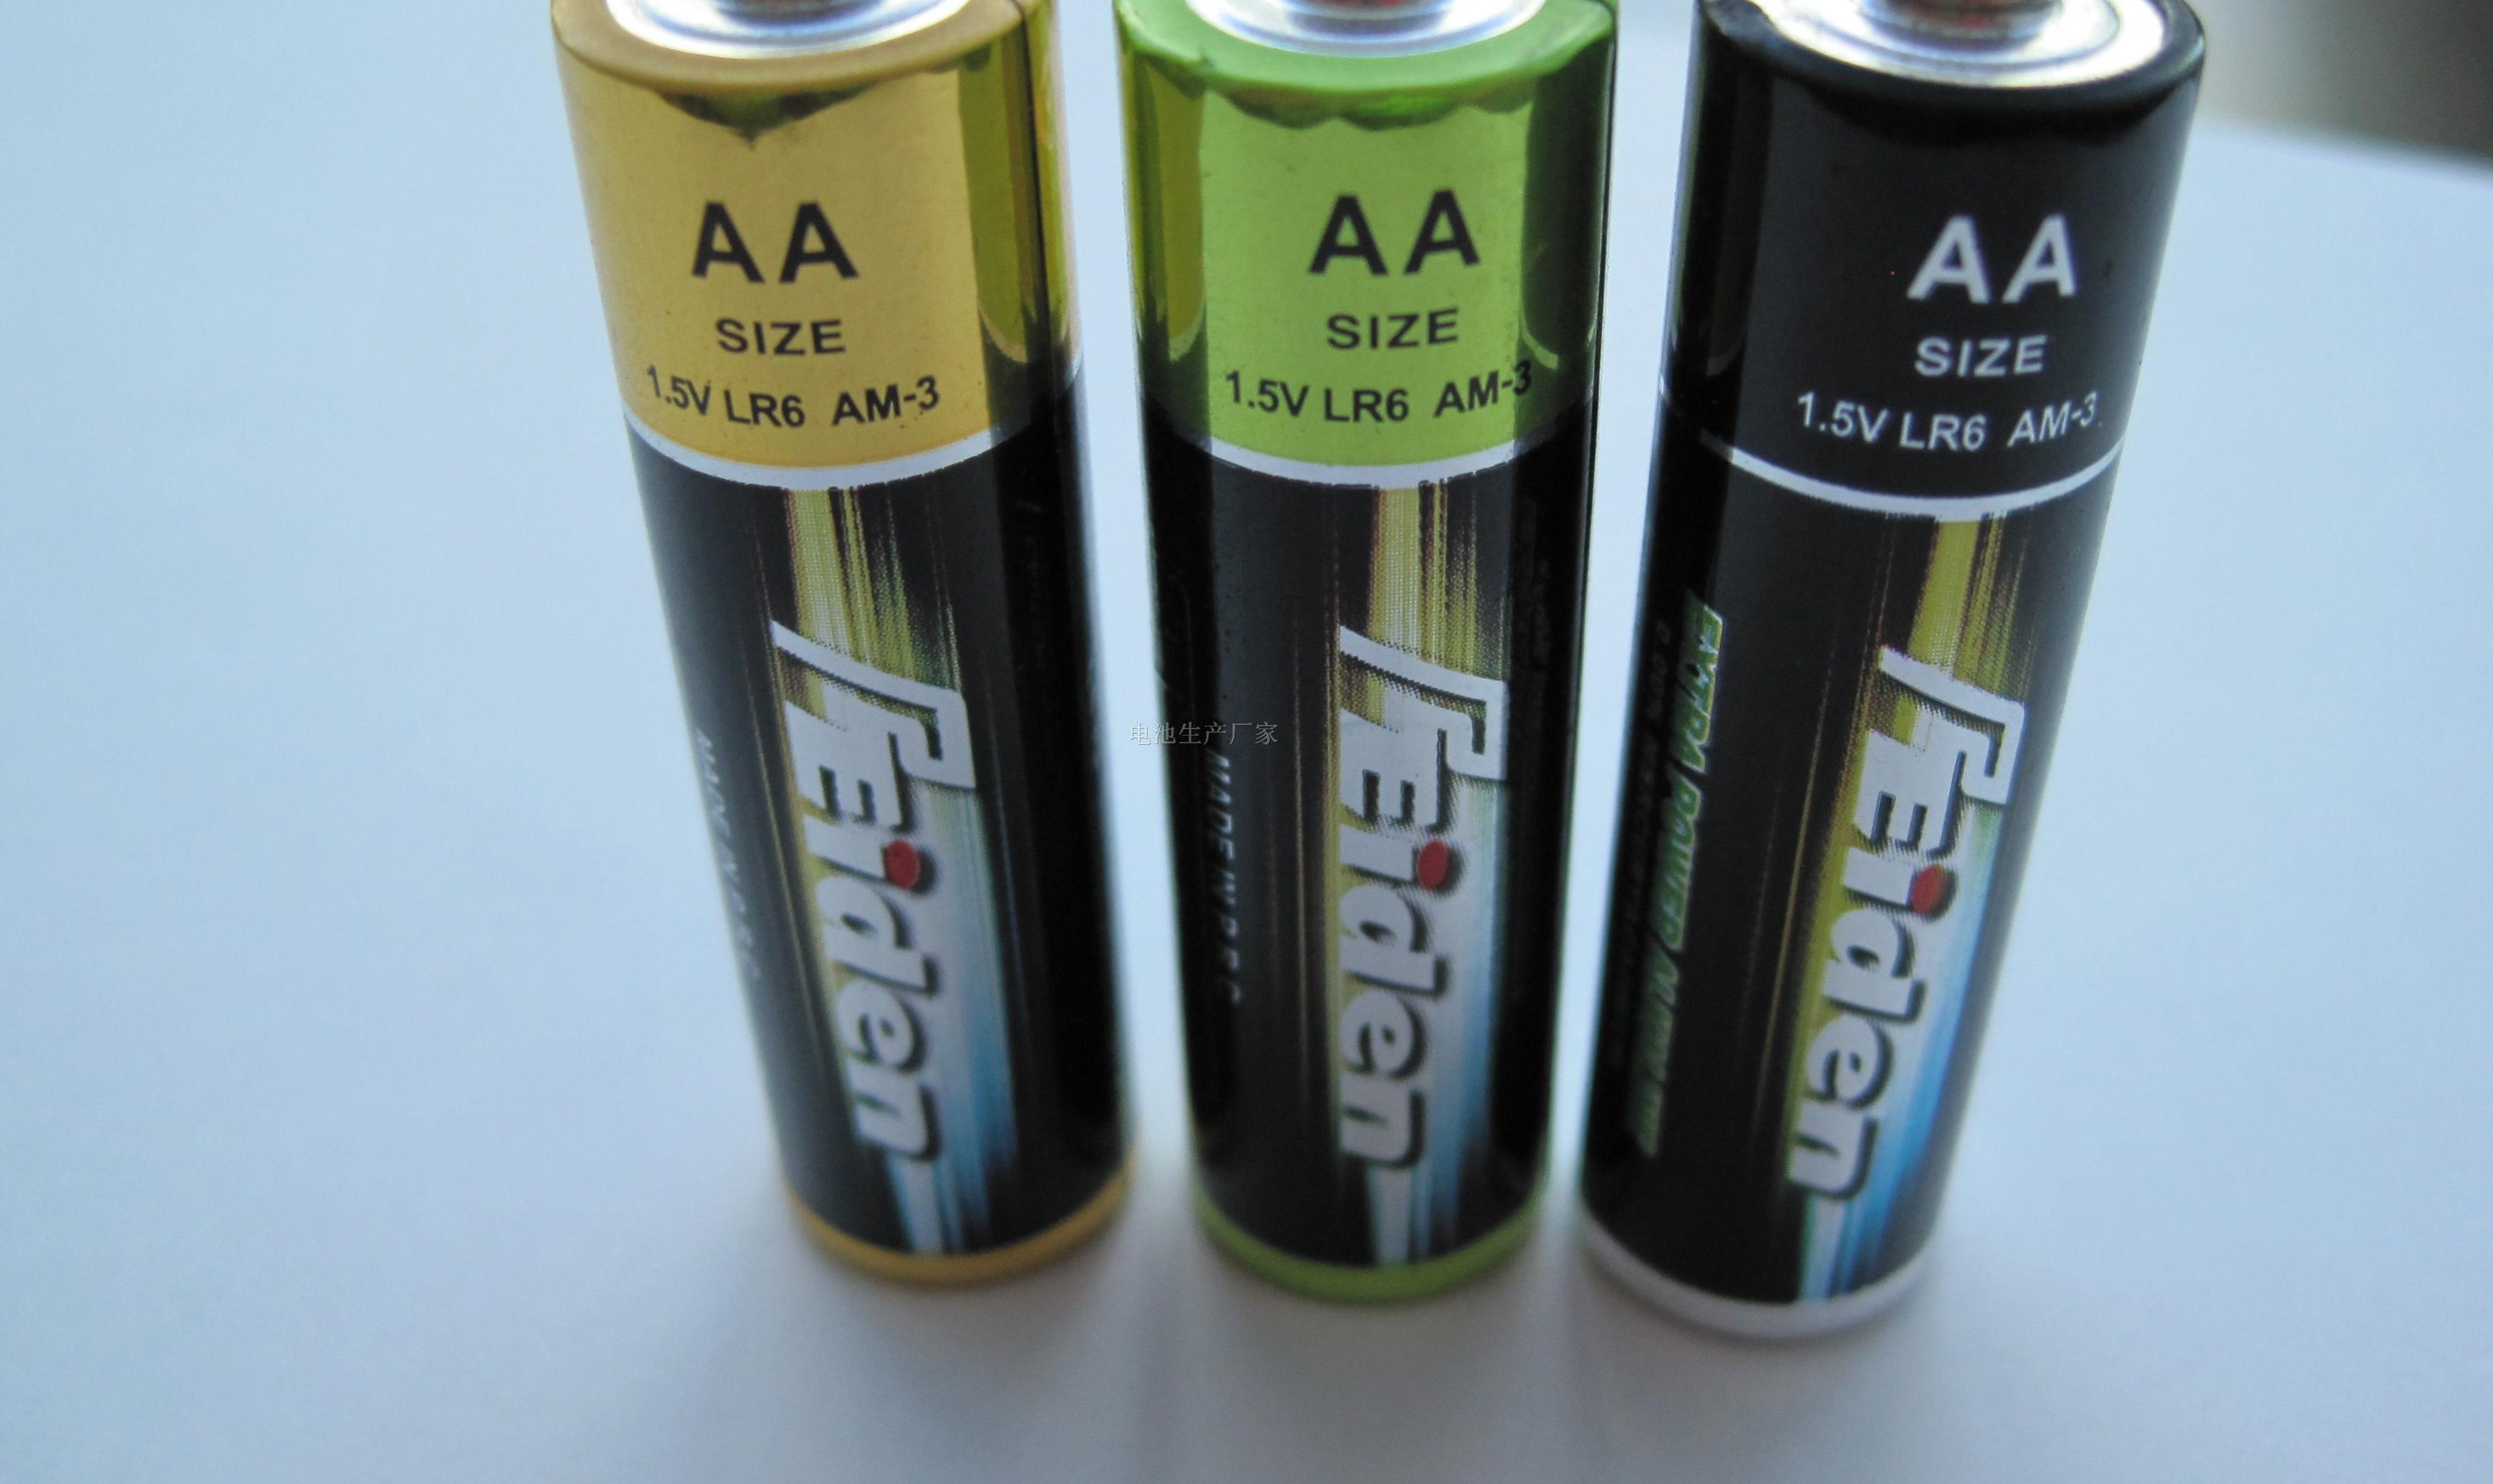 日媒:松下计划向特斯拉上海工厂供应美国产电池 后续生产可能转向中国